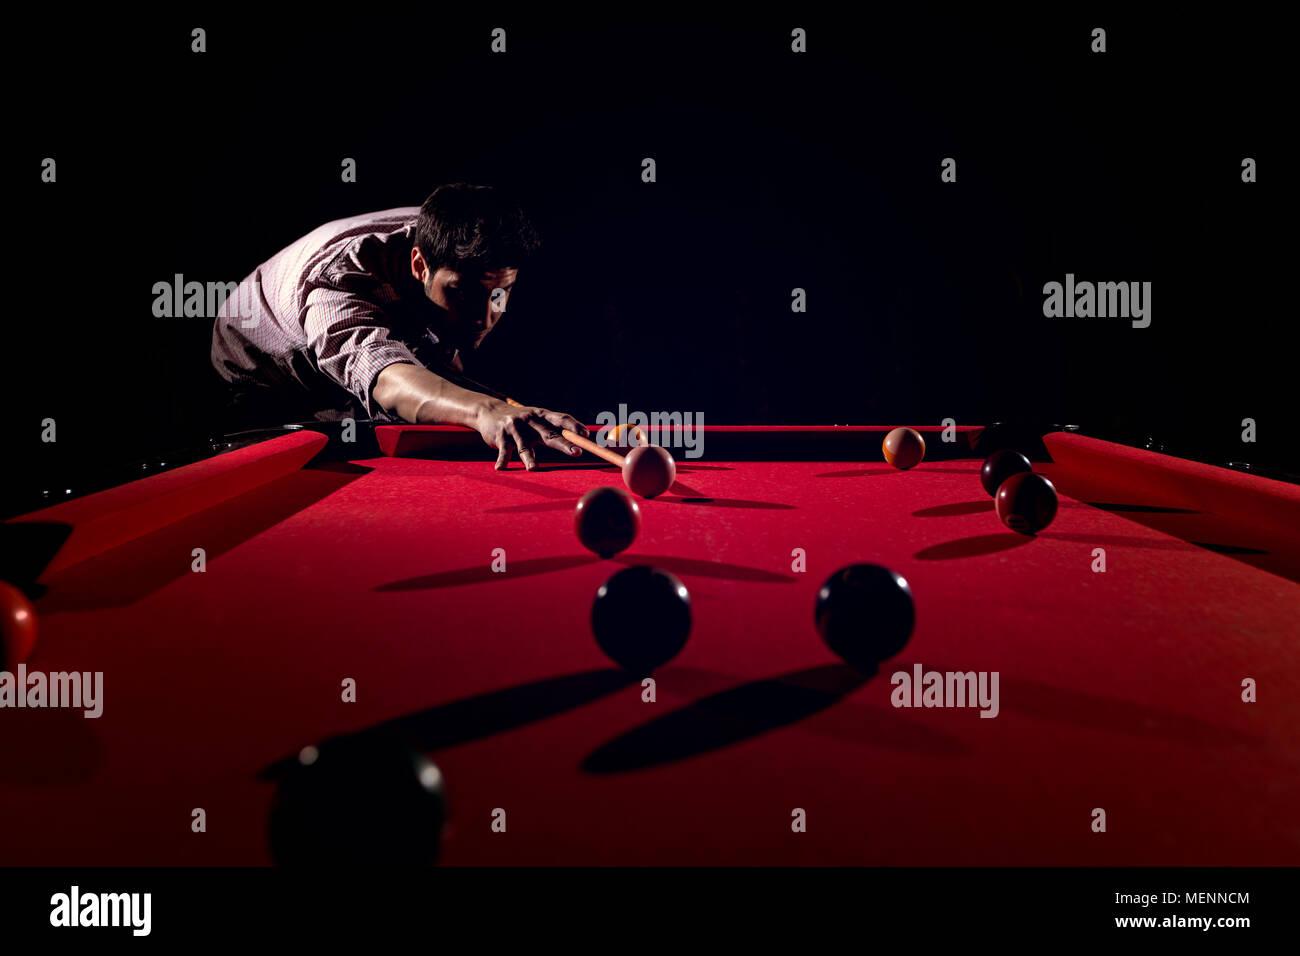 A man with a beard plays a big billiard. - Stock Image